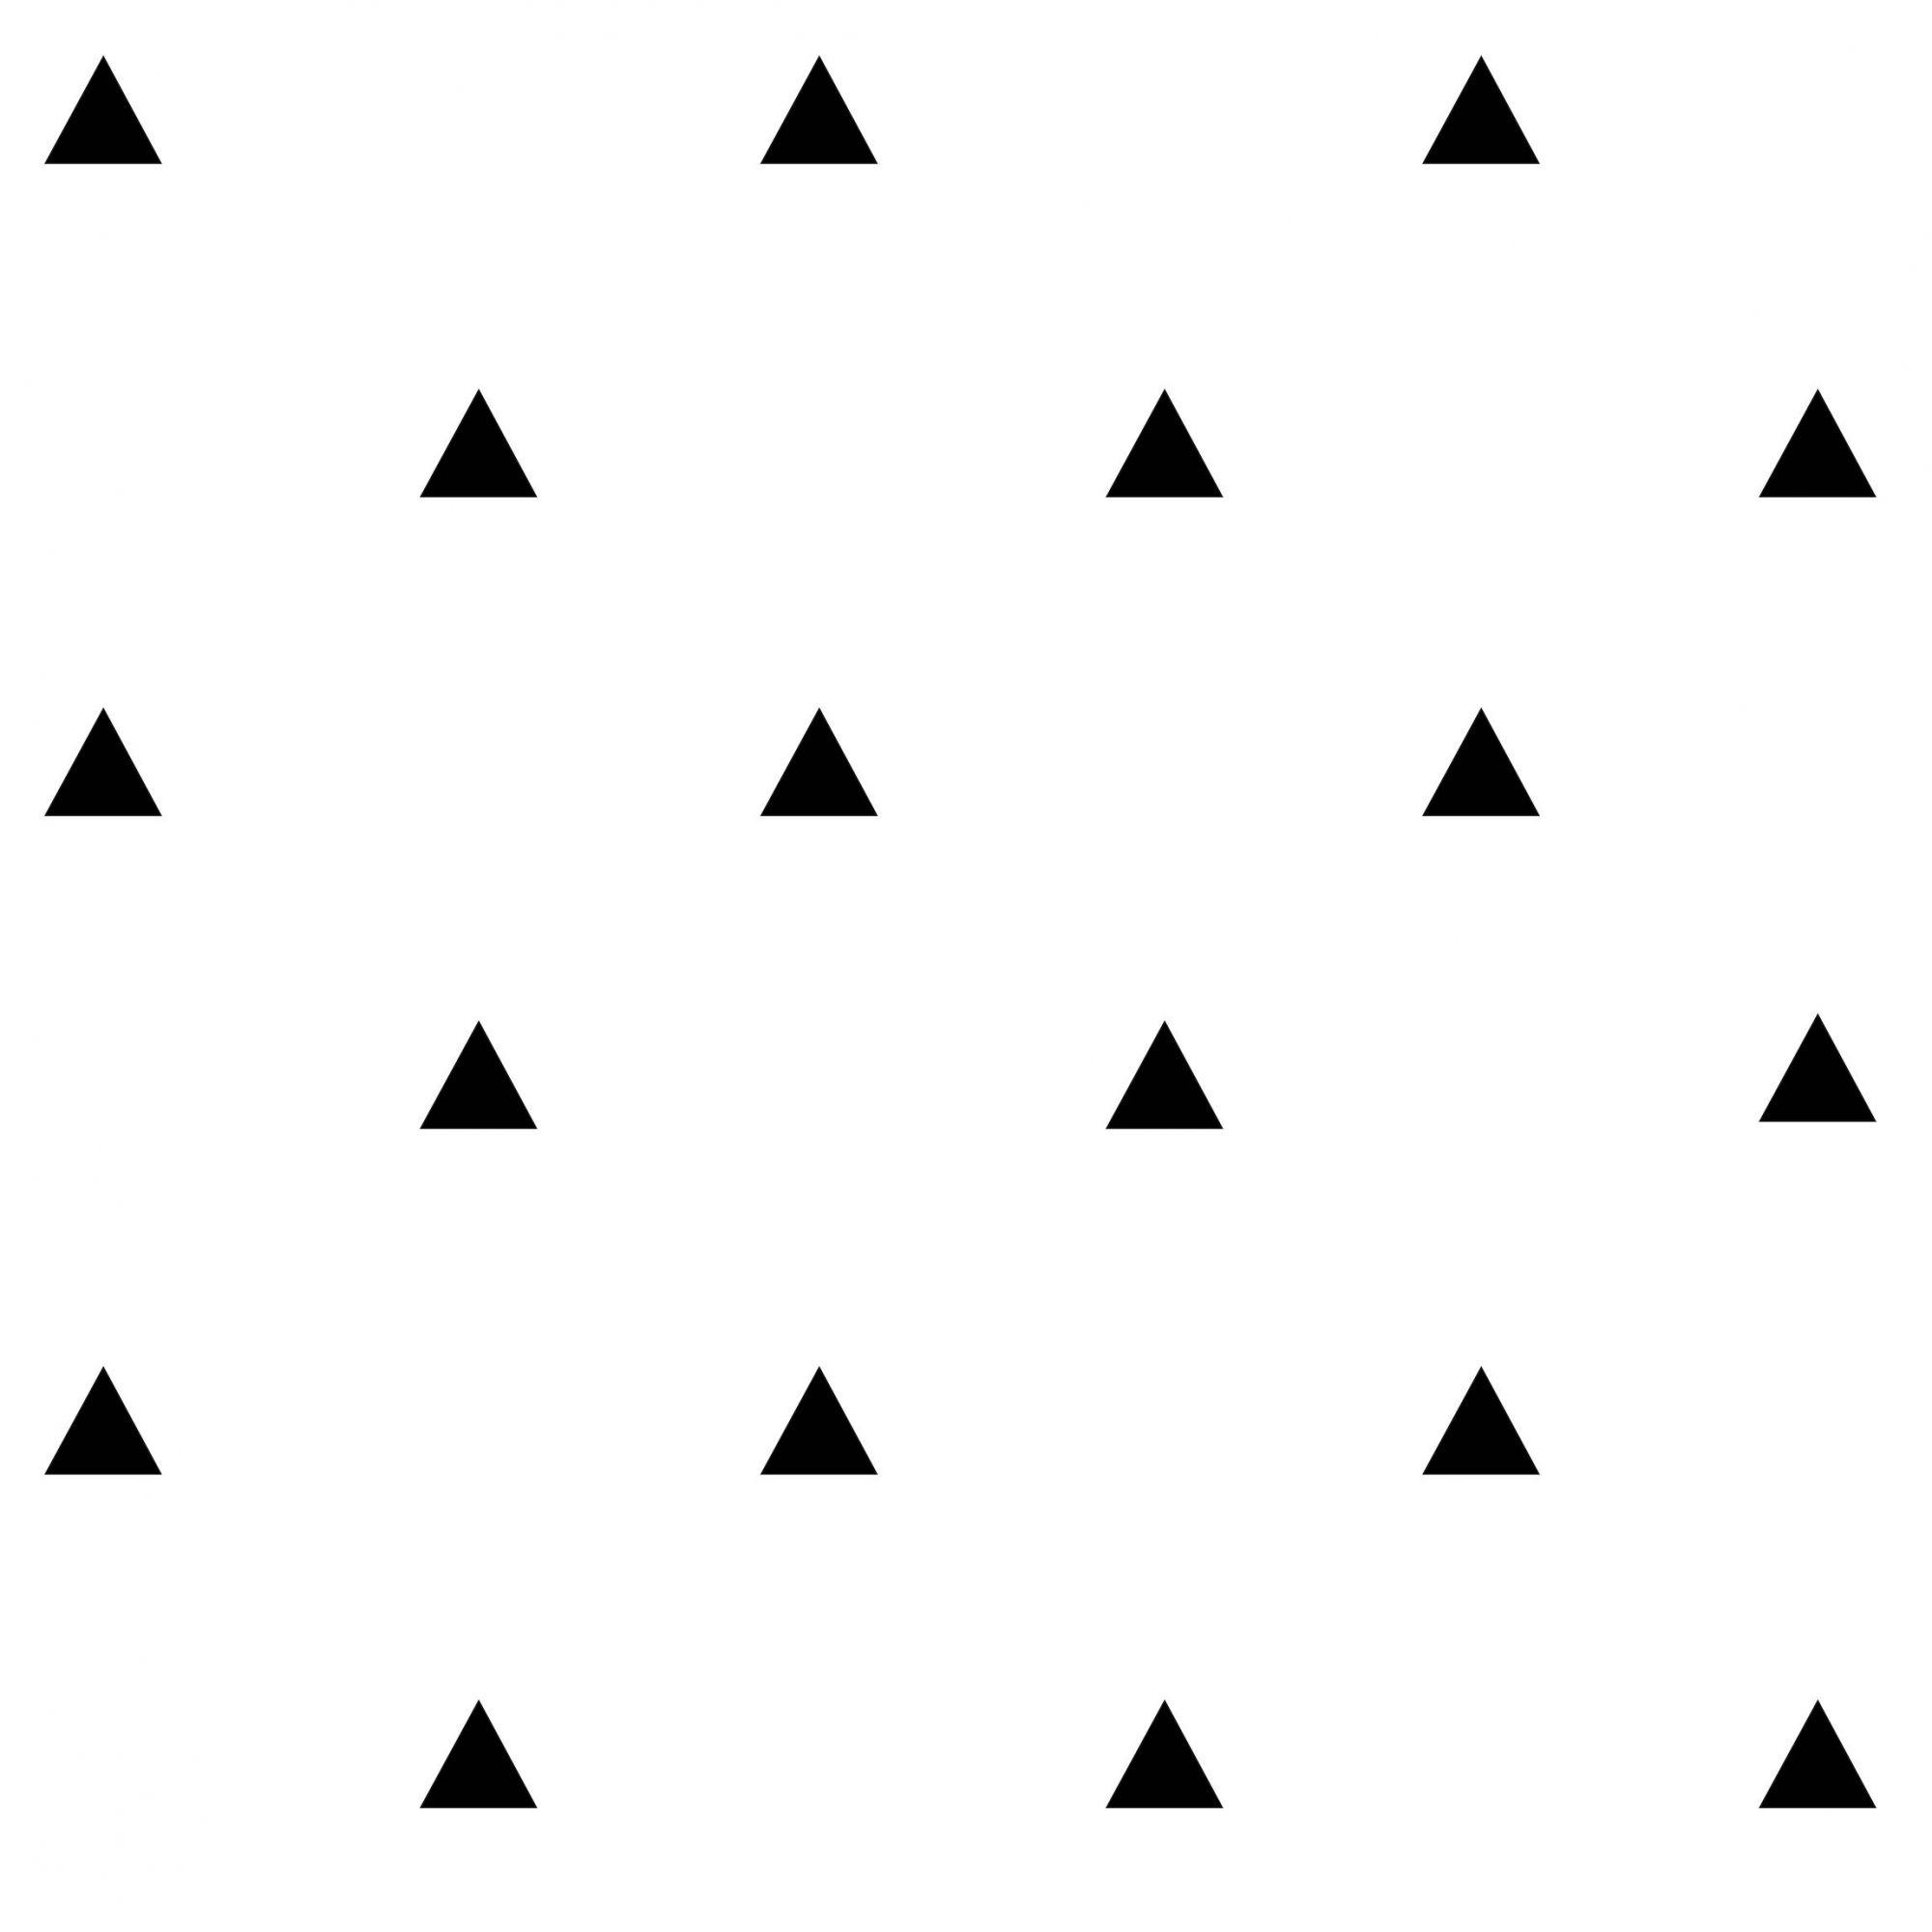 Adesivo kit triângulos